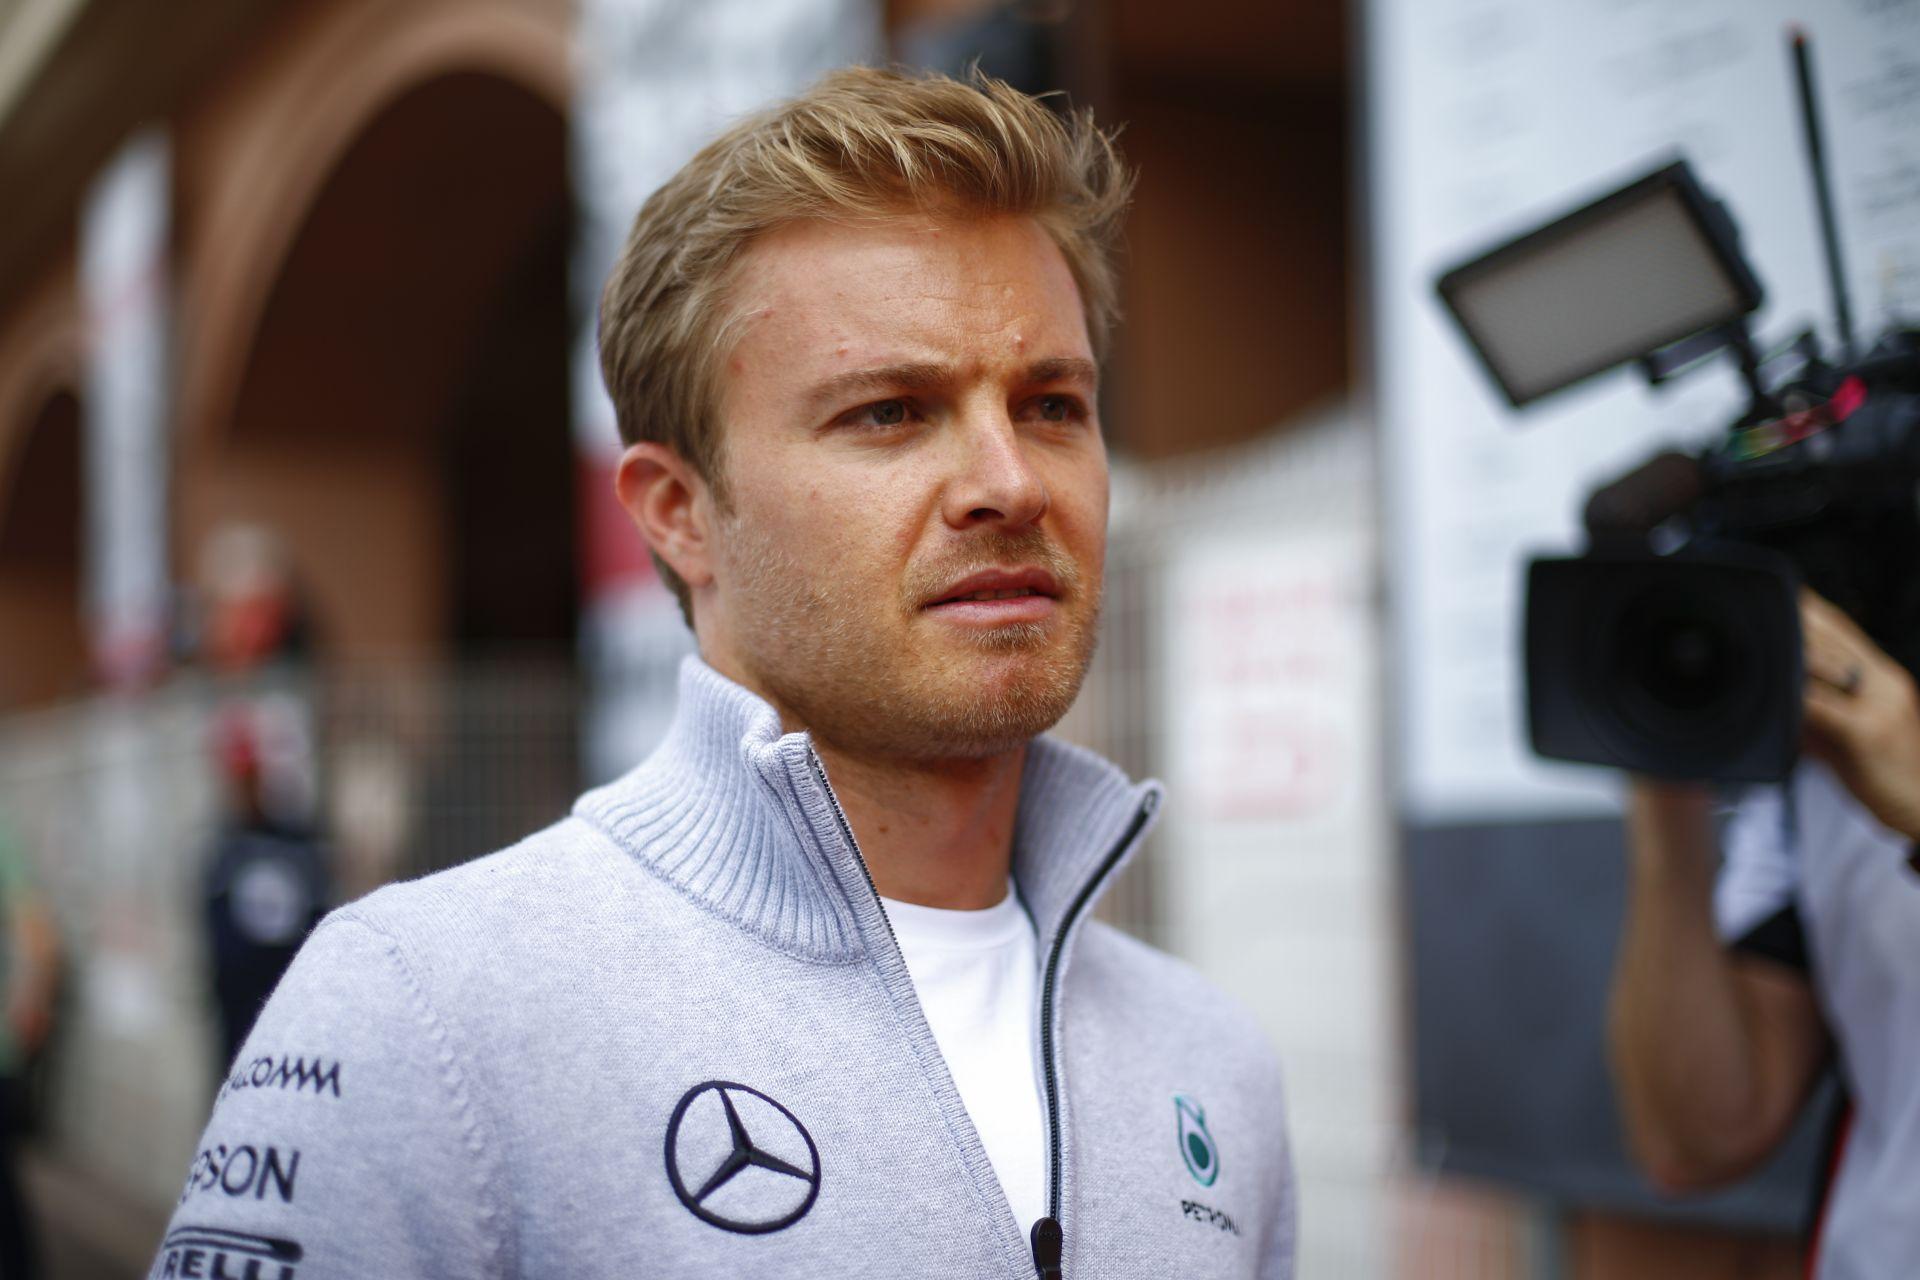 Rosberg sokkot kapott a kamerák előtt - nem ad interjút Verstappen drukkernek!